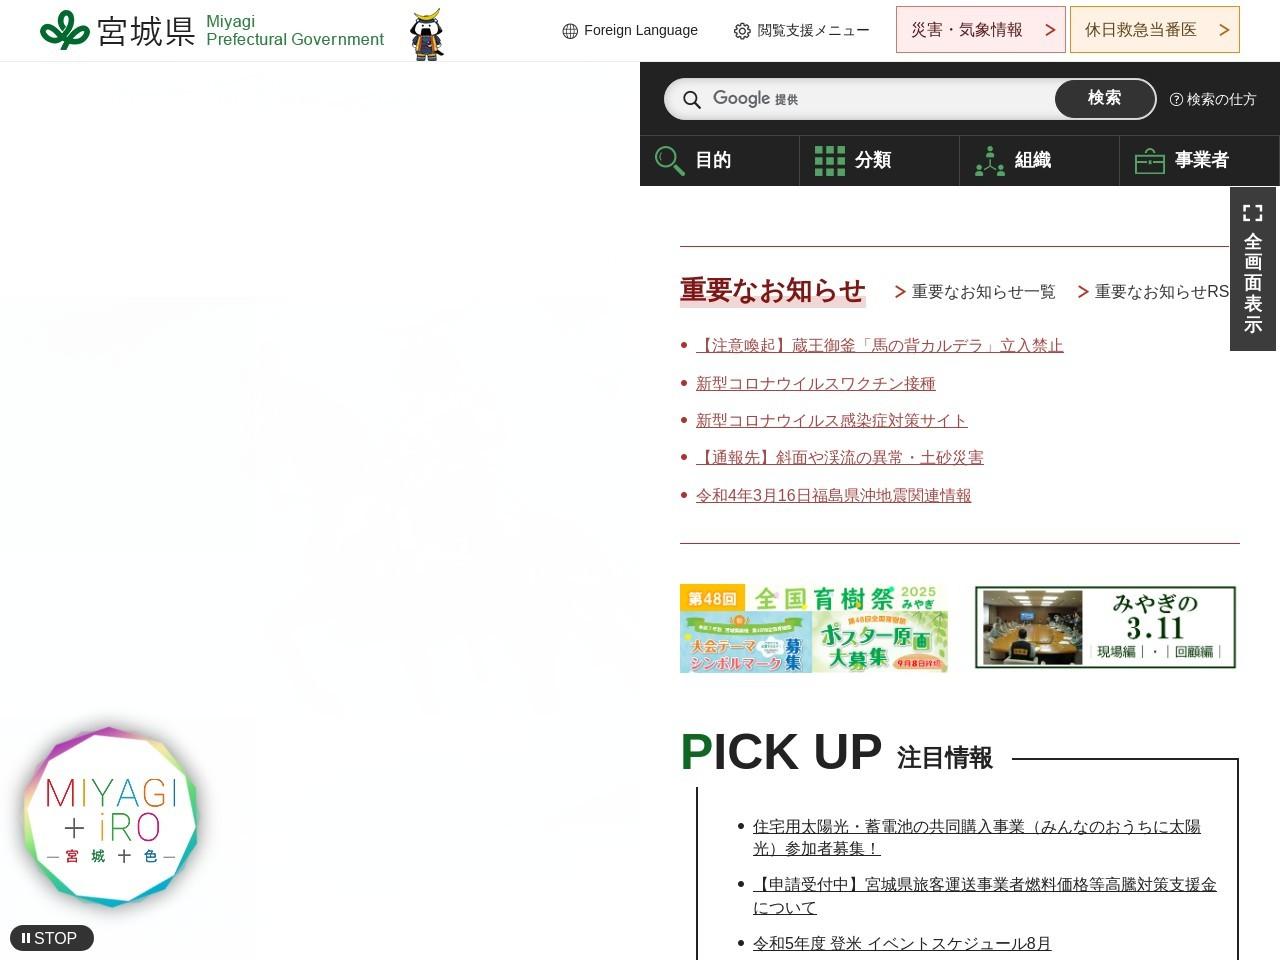 http://www.pref.miyagi.jp/soshiki/kasen/dam-naganuma.html